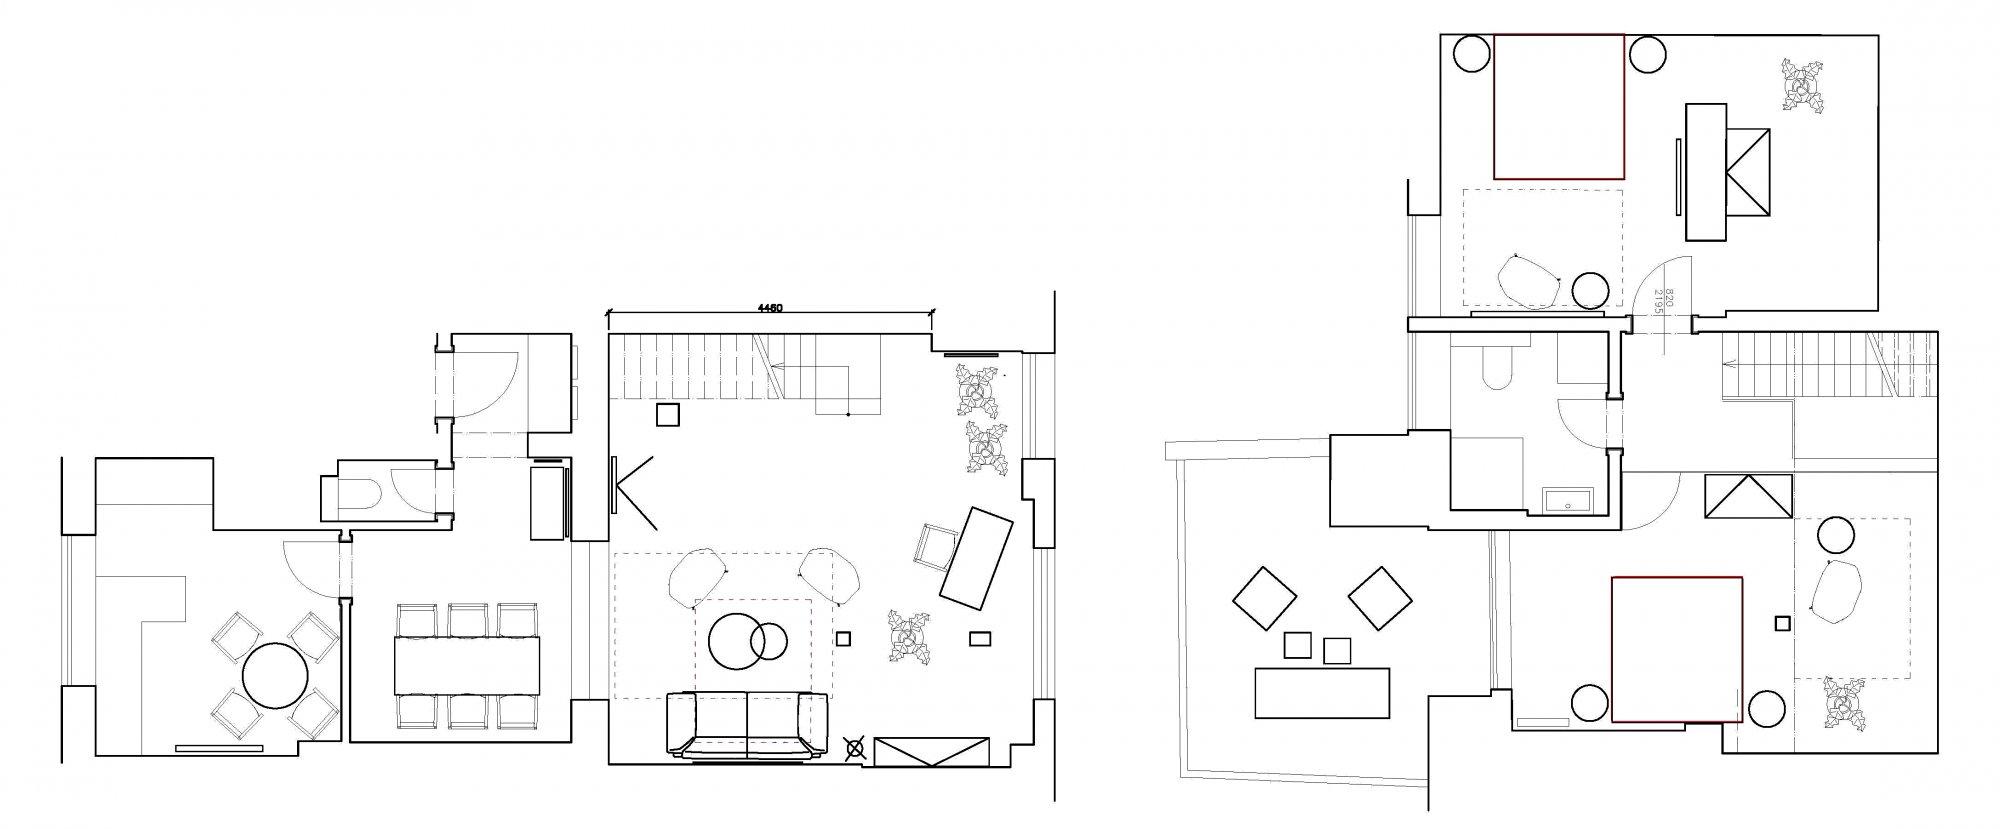 Půdorys - Půdní byt 3+1, plocha 122 m², ulice Vojtěšská, Praha 1 - Nové Město